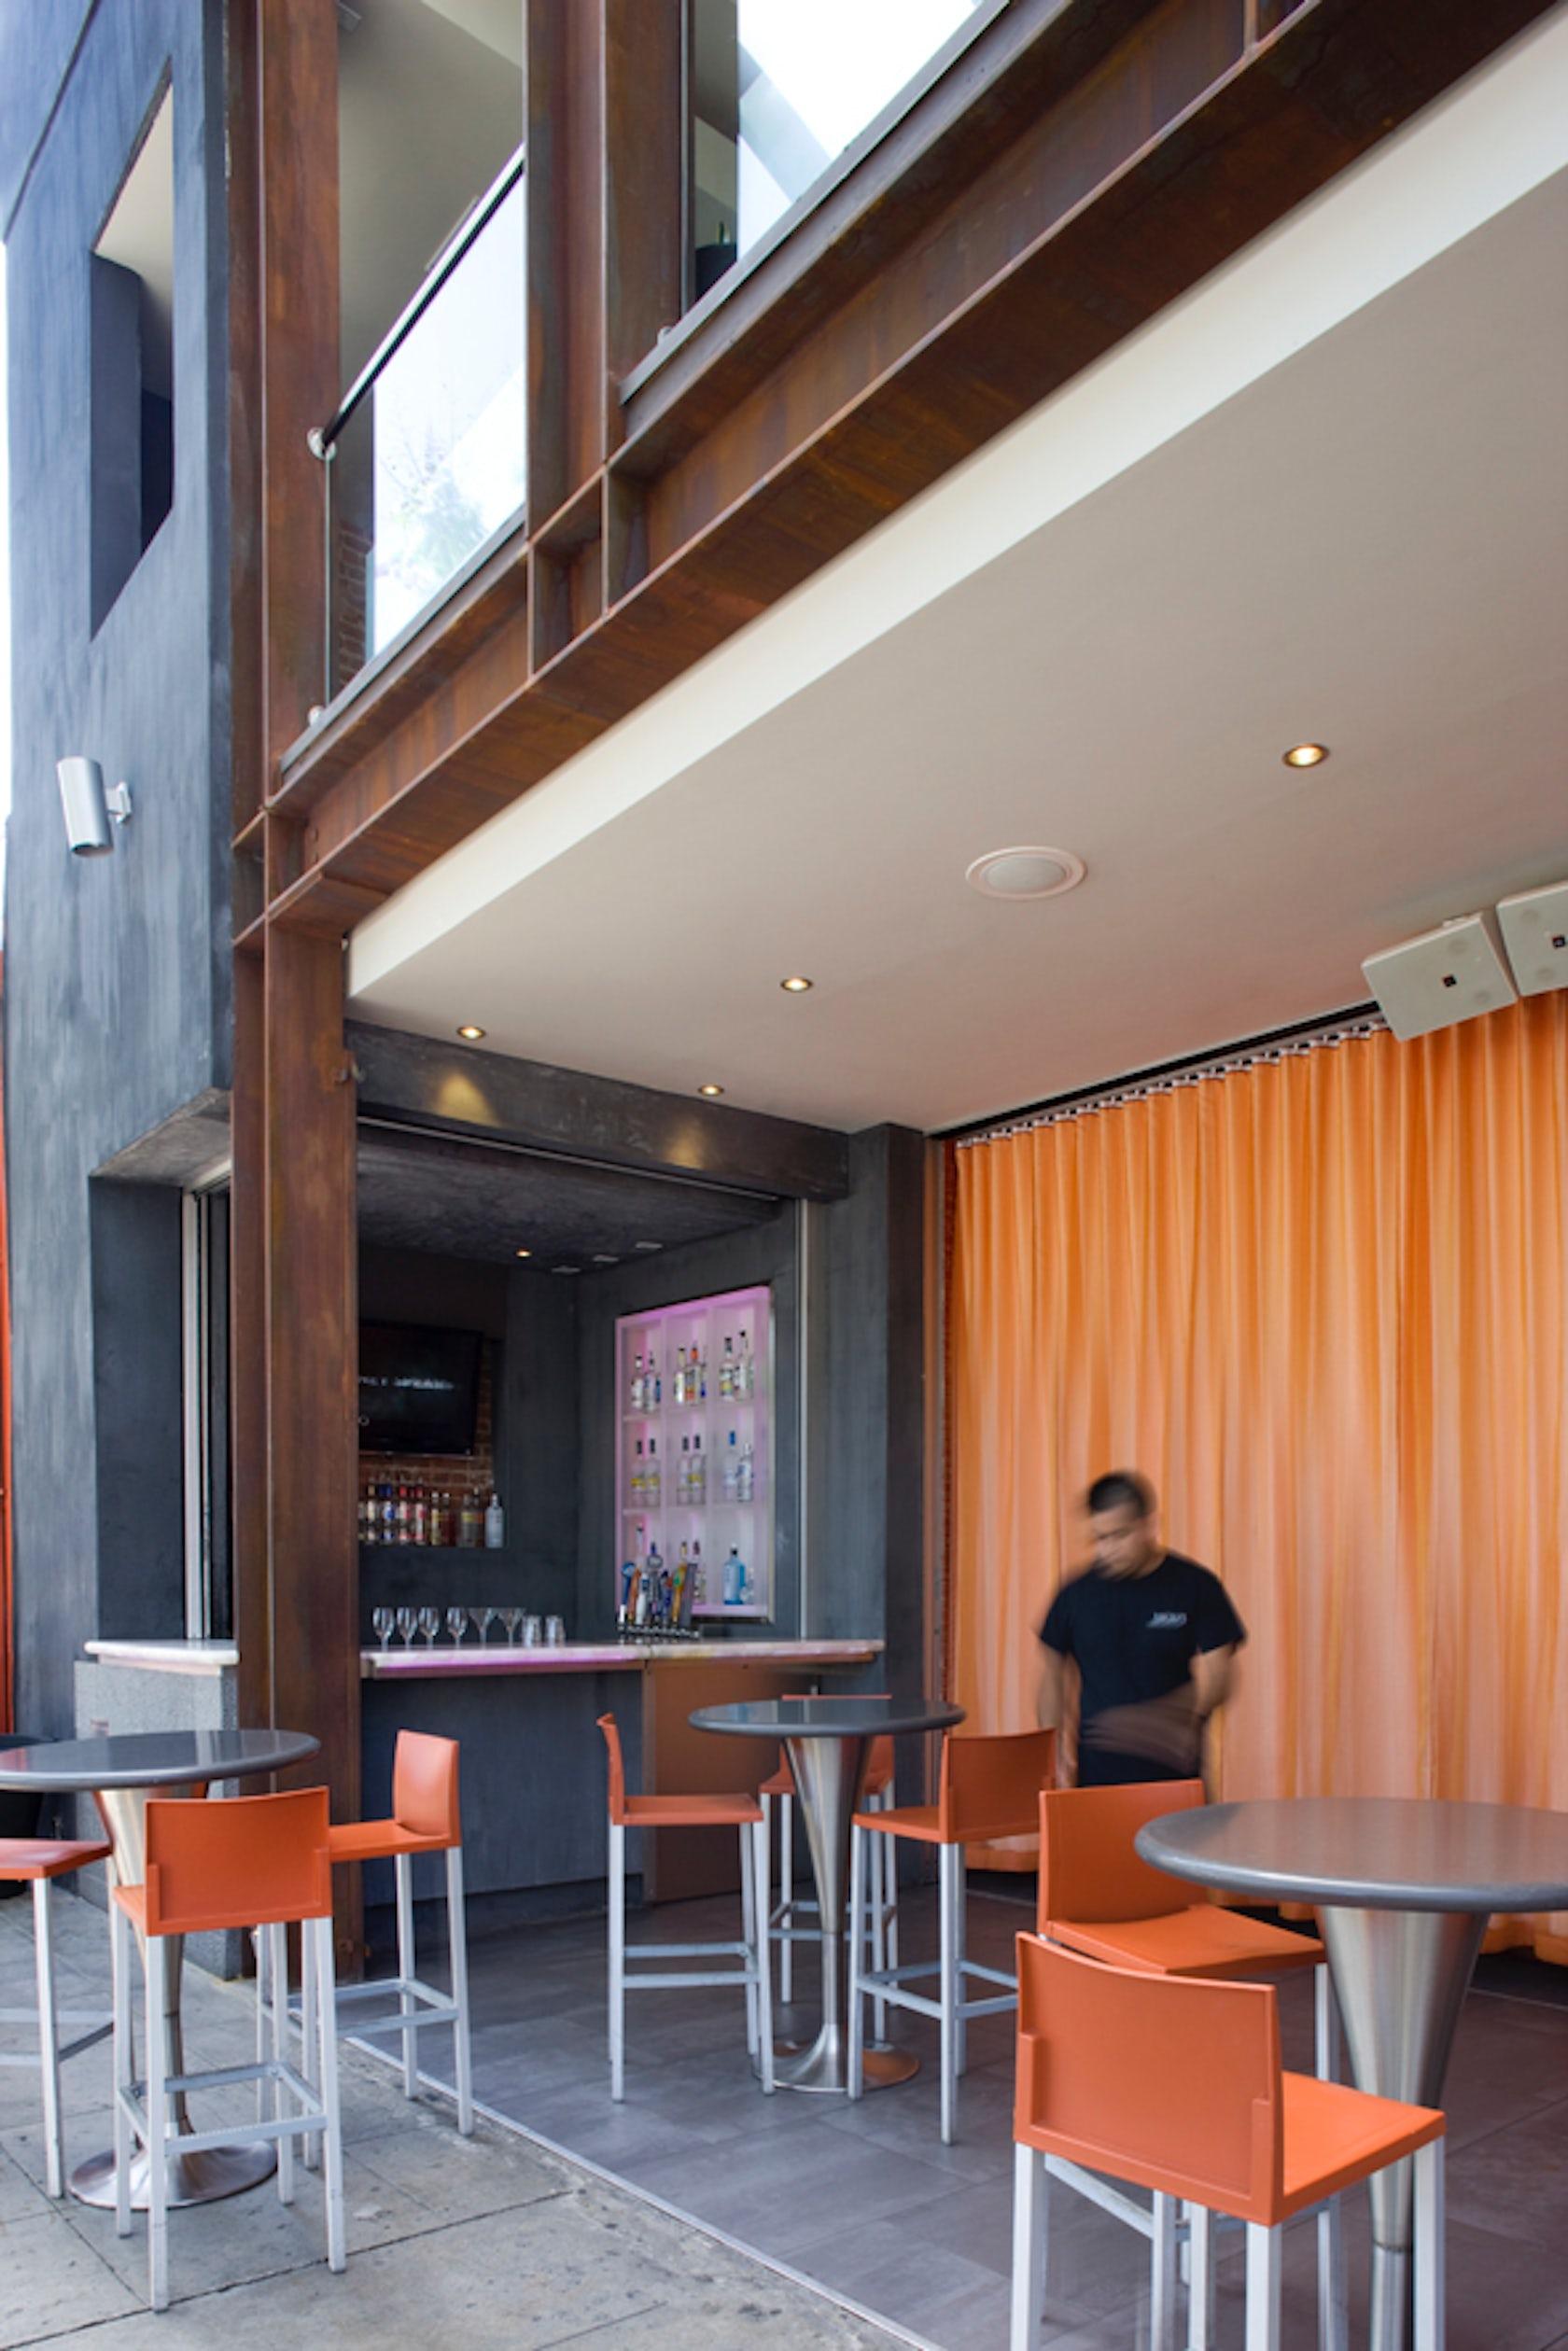 Aia la th annual restaurant design awards micky s